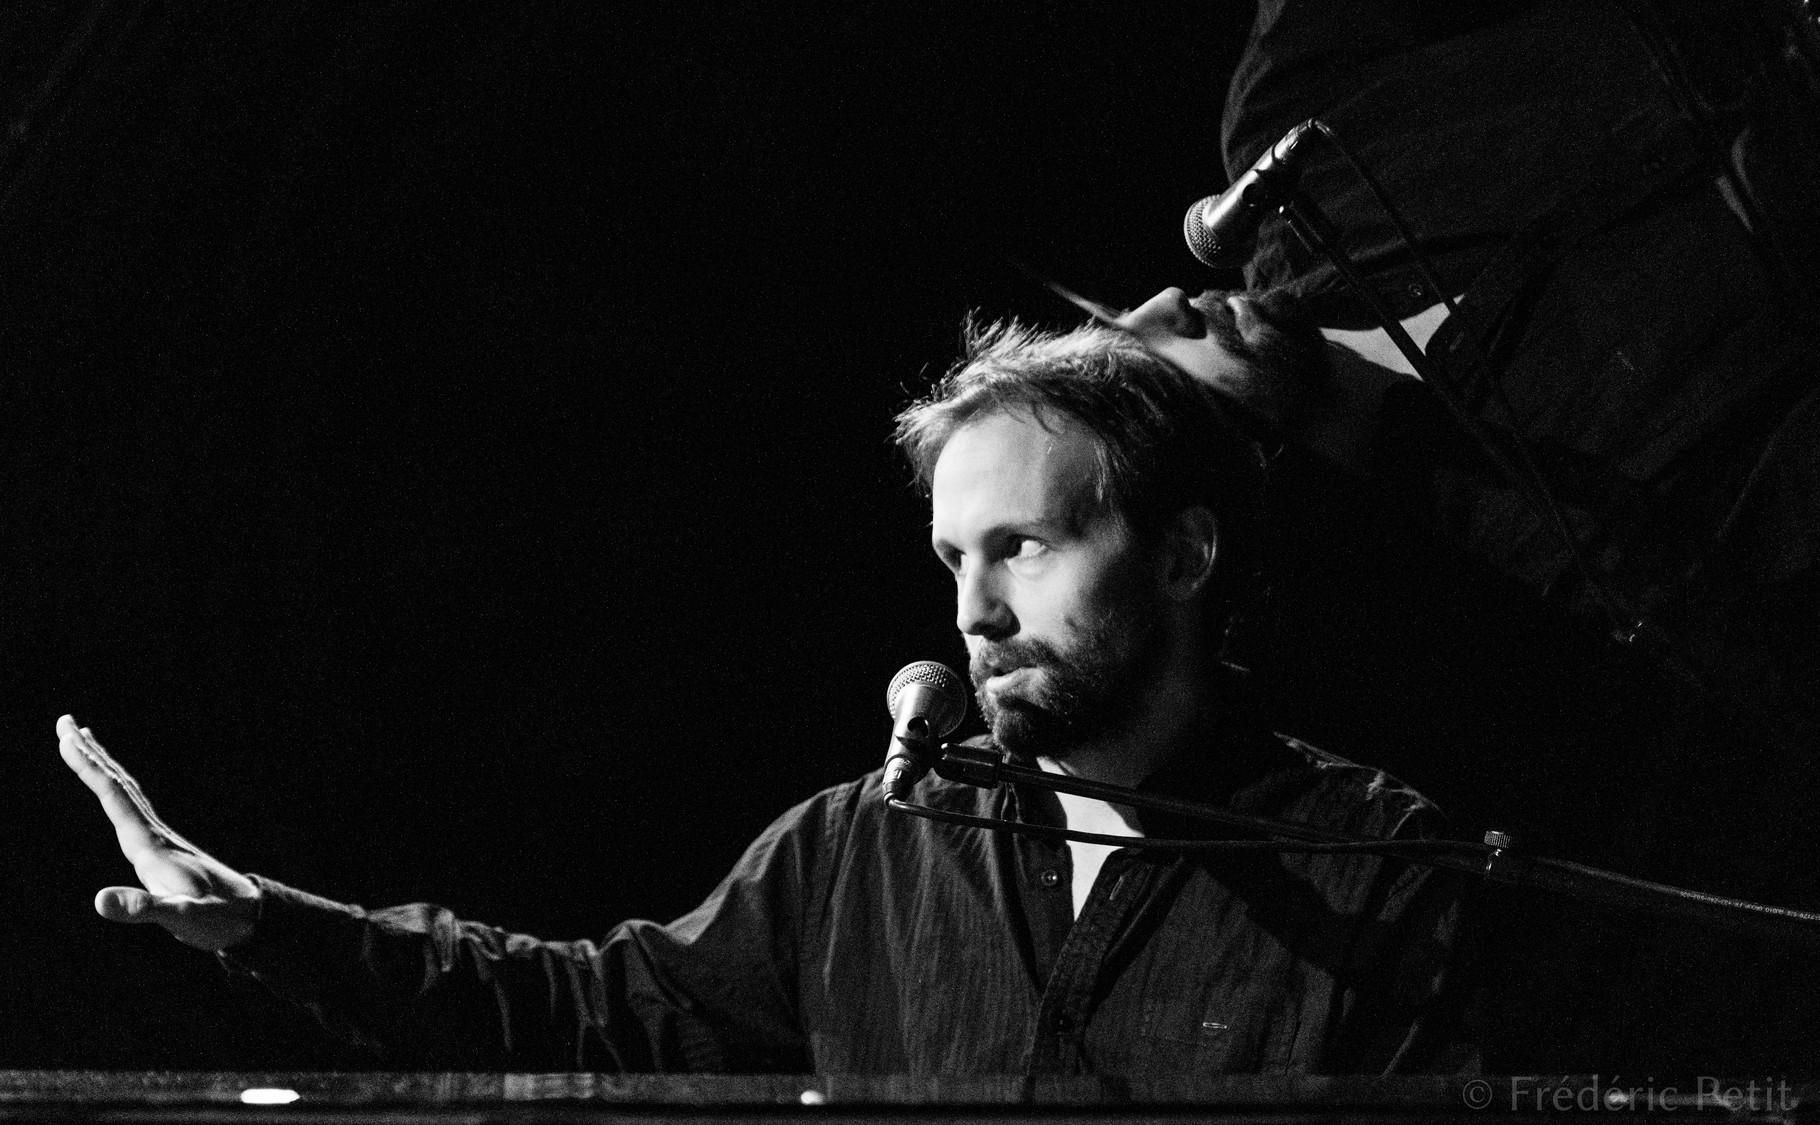 9 décembre 2015 - Émile Proulx-Cloutier @ Centre Culturel Canadien (Festival Aurores Montréal)